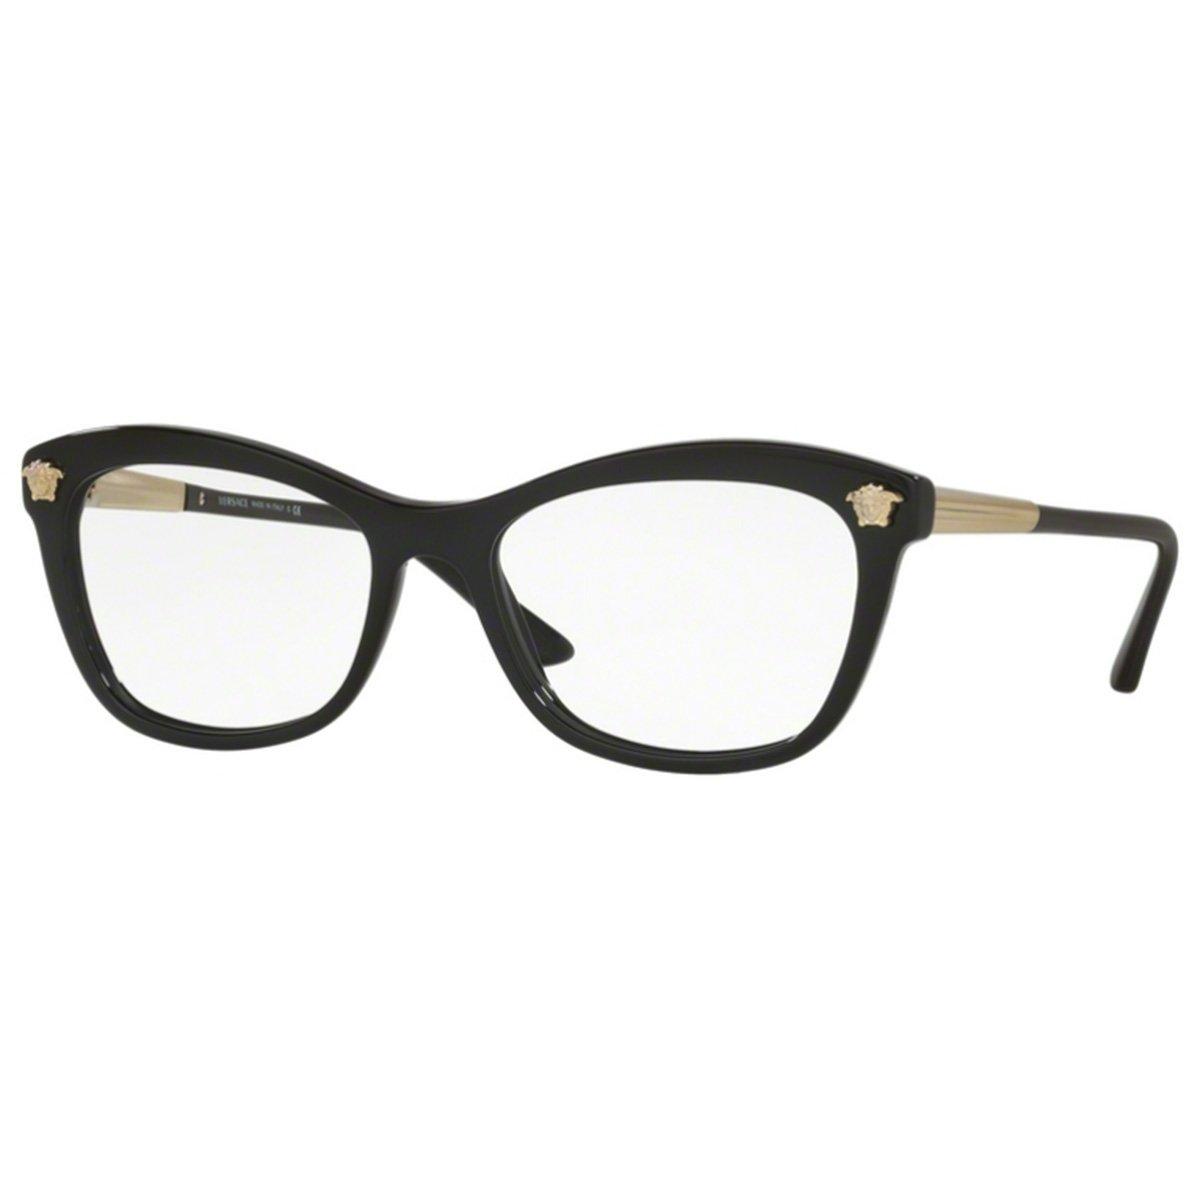 dd3fb9c44df93 Compre Óculos de Grau Versace em 10X